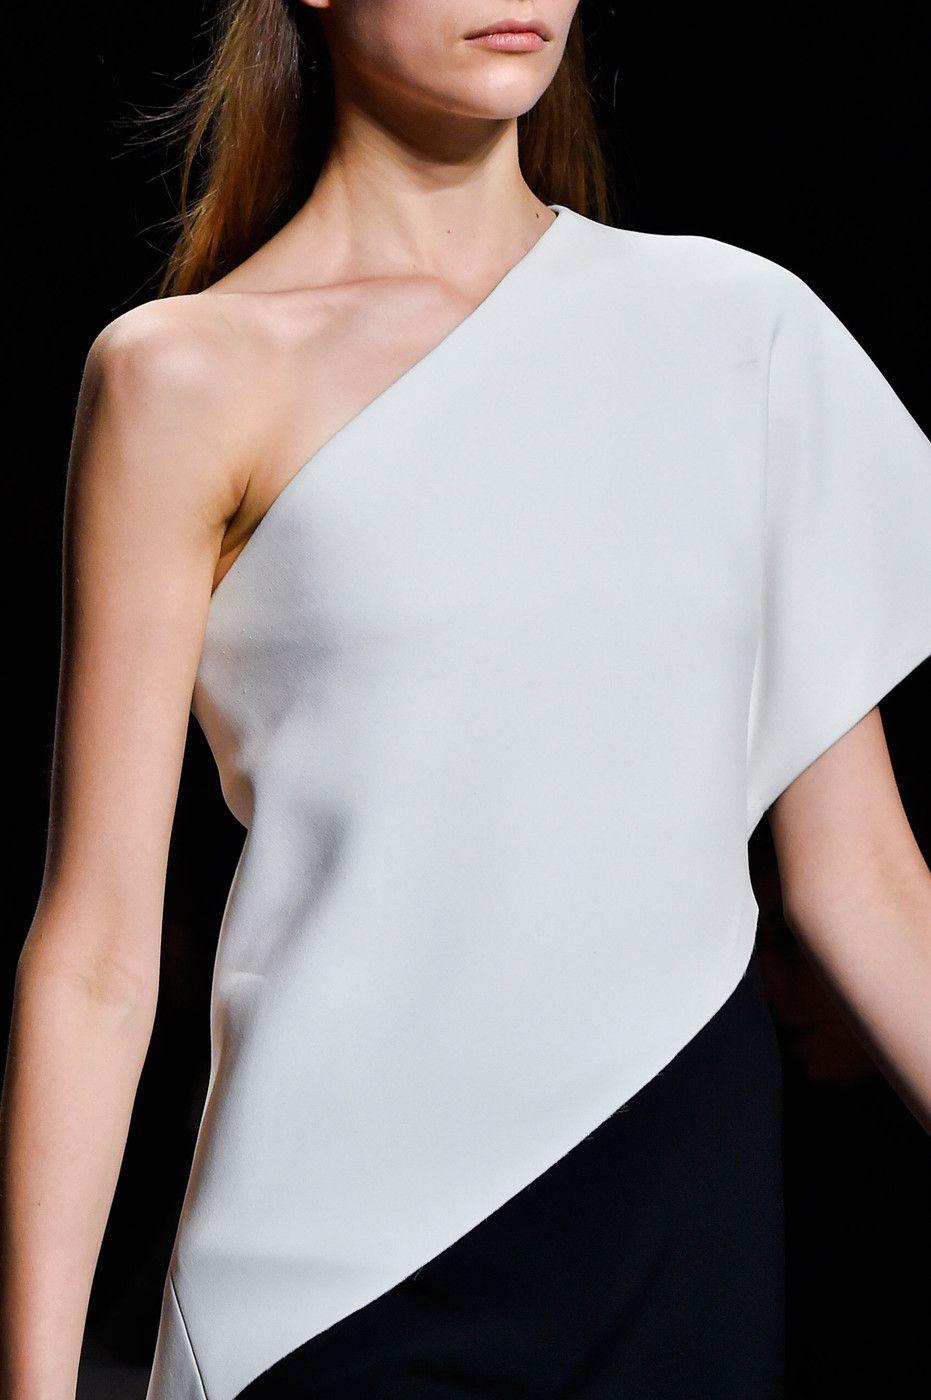 Narciso Rodriguez at New York Fashion Week Fall Narciso